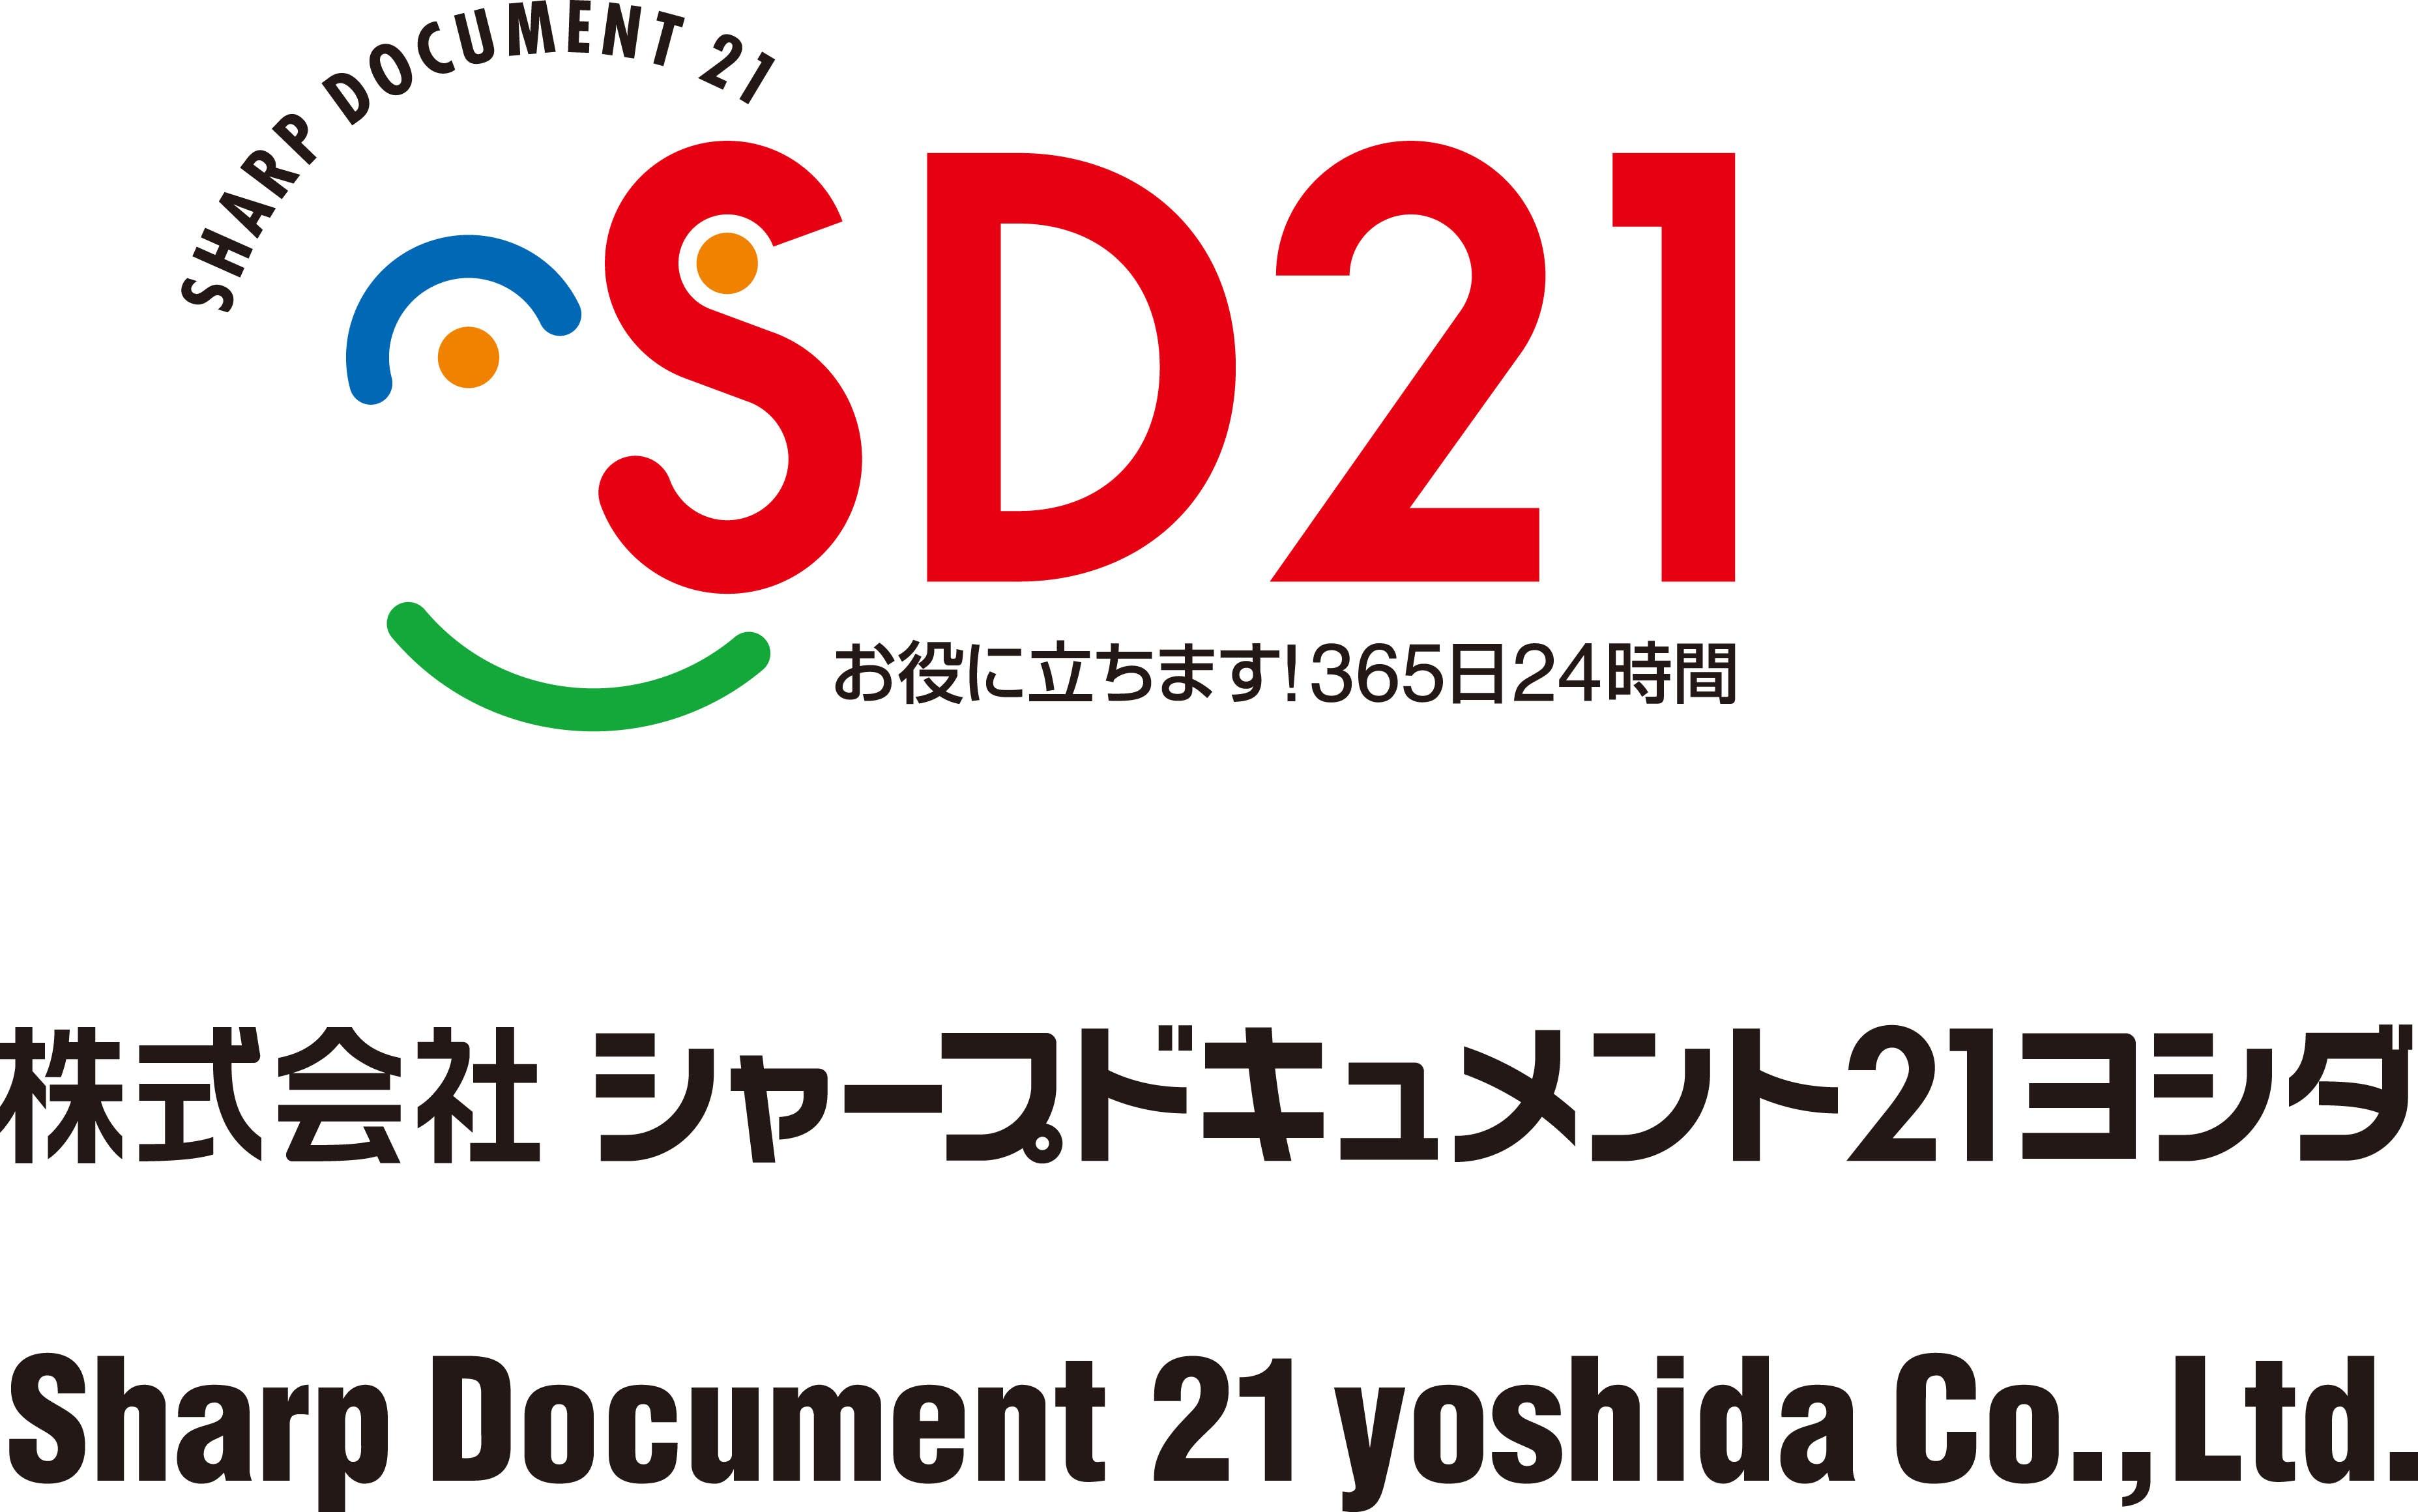 株式会社SharpDocument21yosida